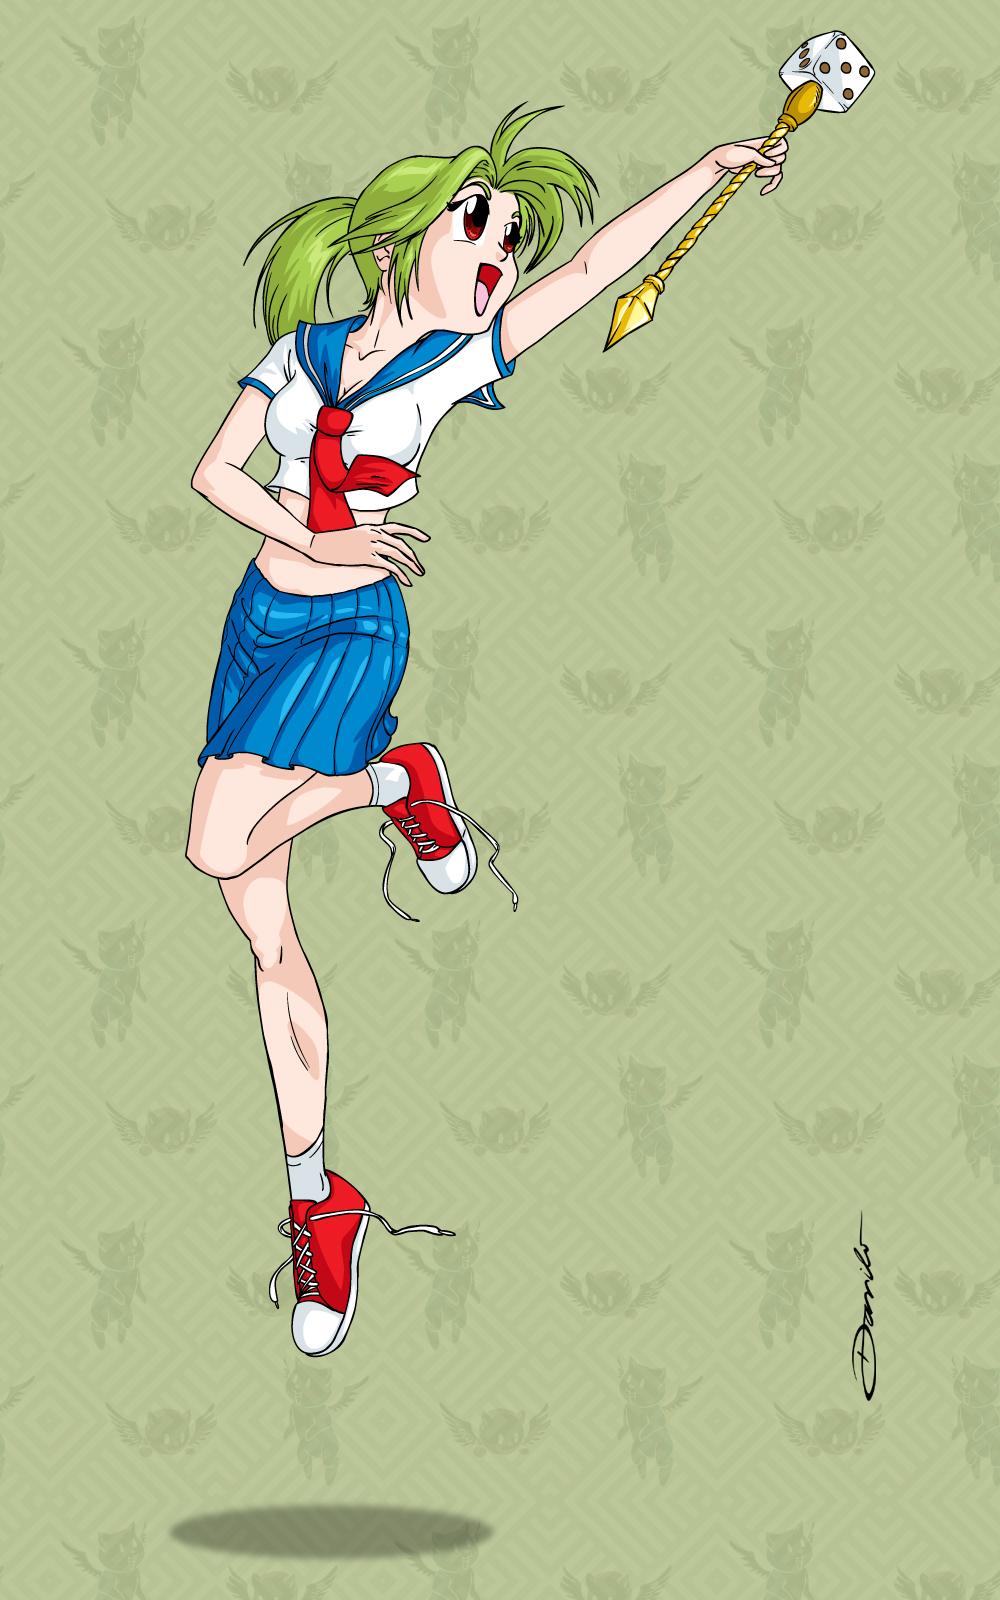 Garota em estilo anime - by Danilo Aroeira